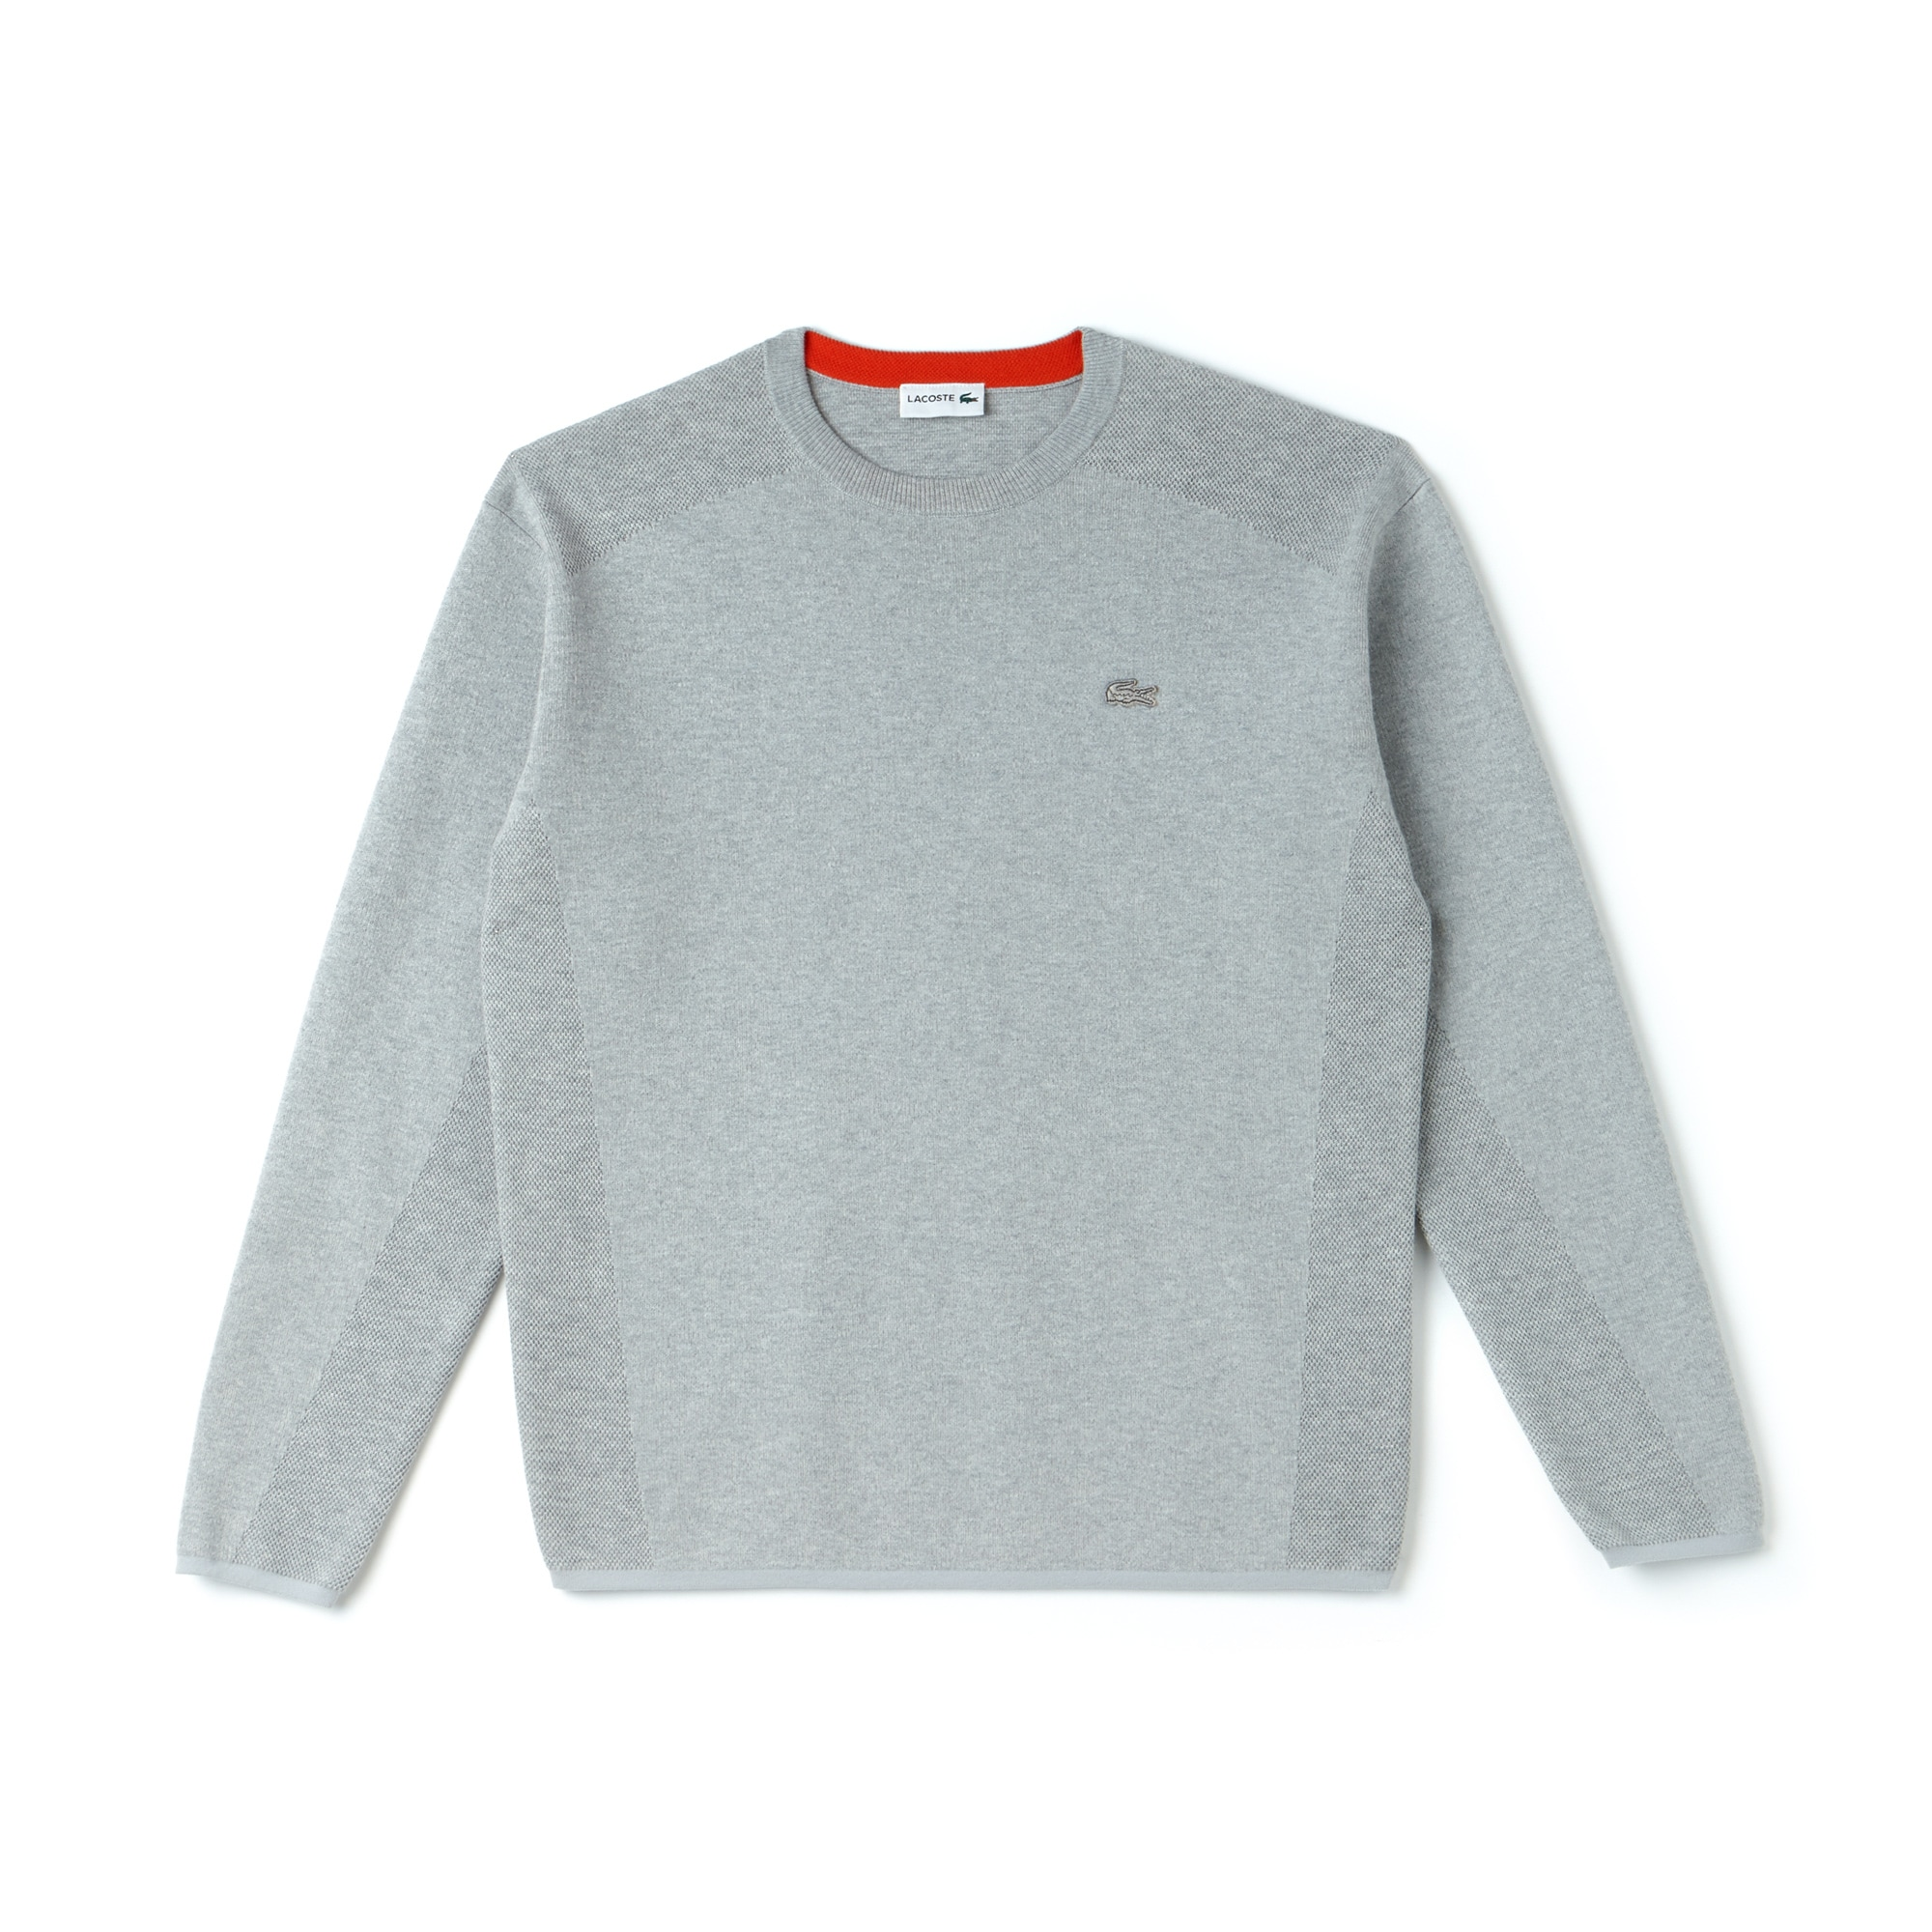 Lacoste Motion-sweater heren Coolmax-katoen met ronde hals